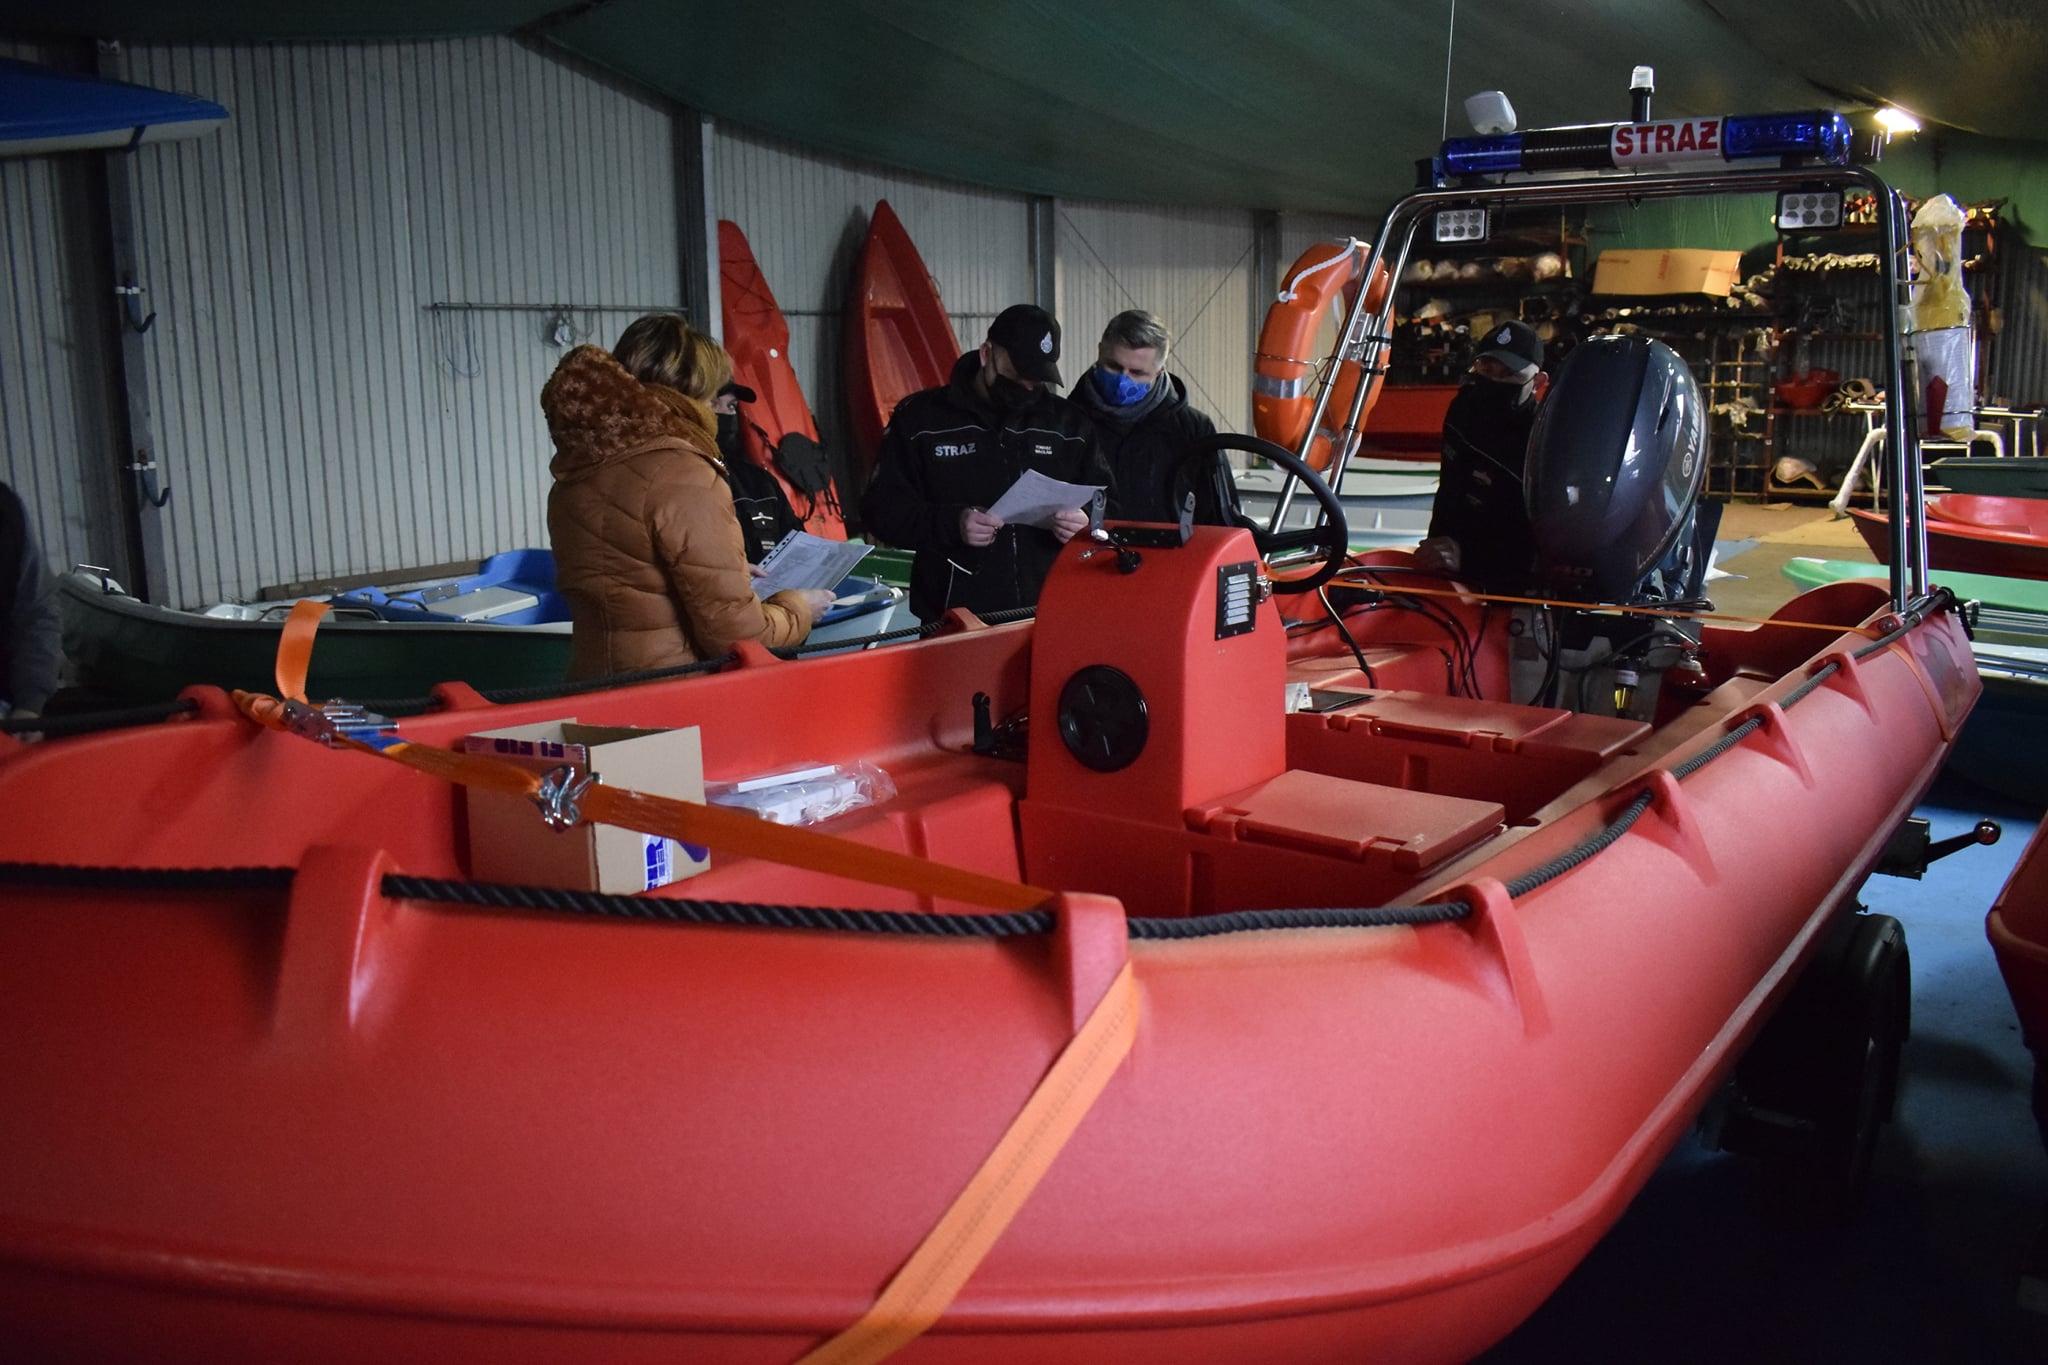 łódź ratunkowa straż - OSP Kwilcz